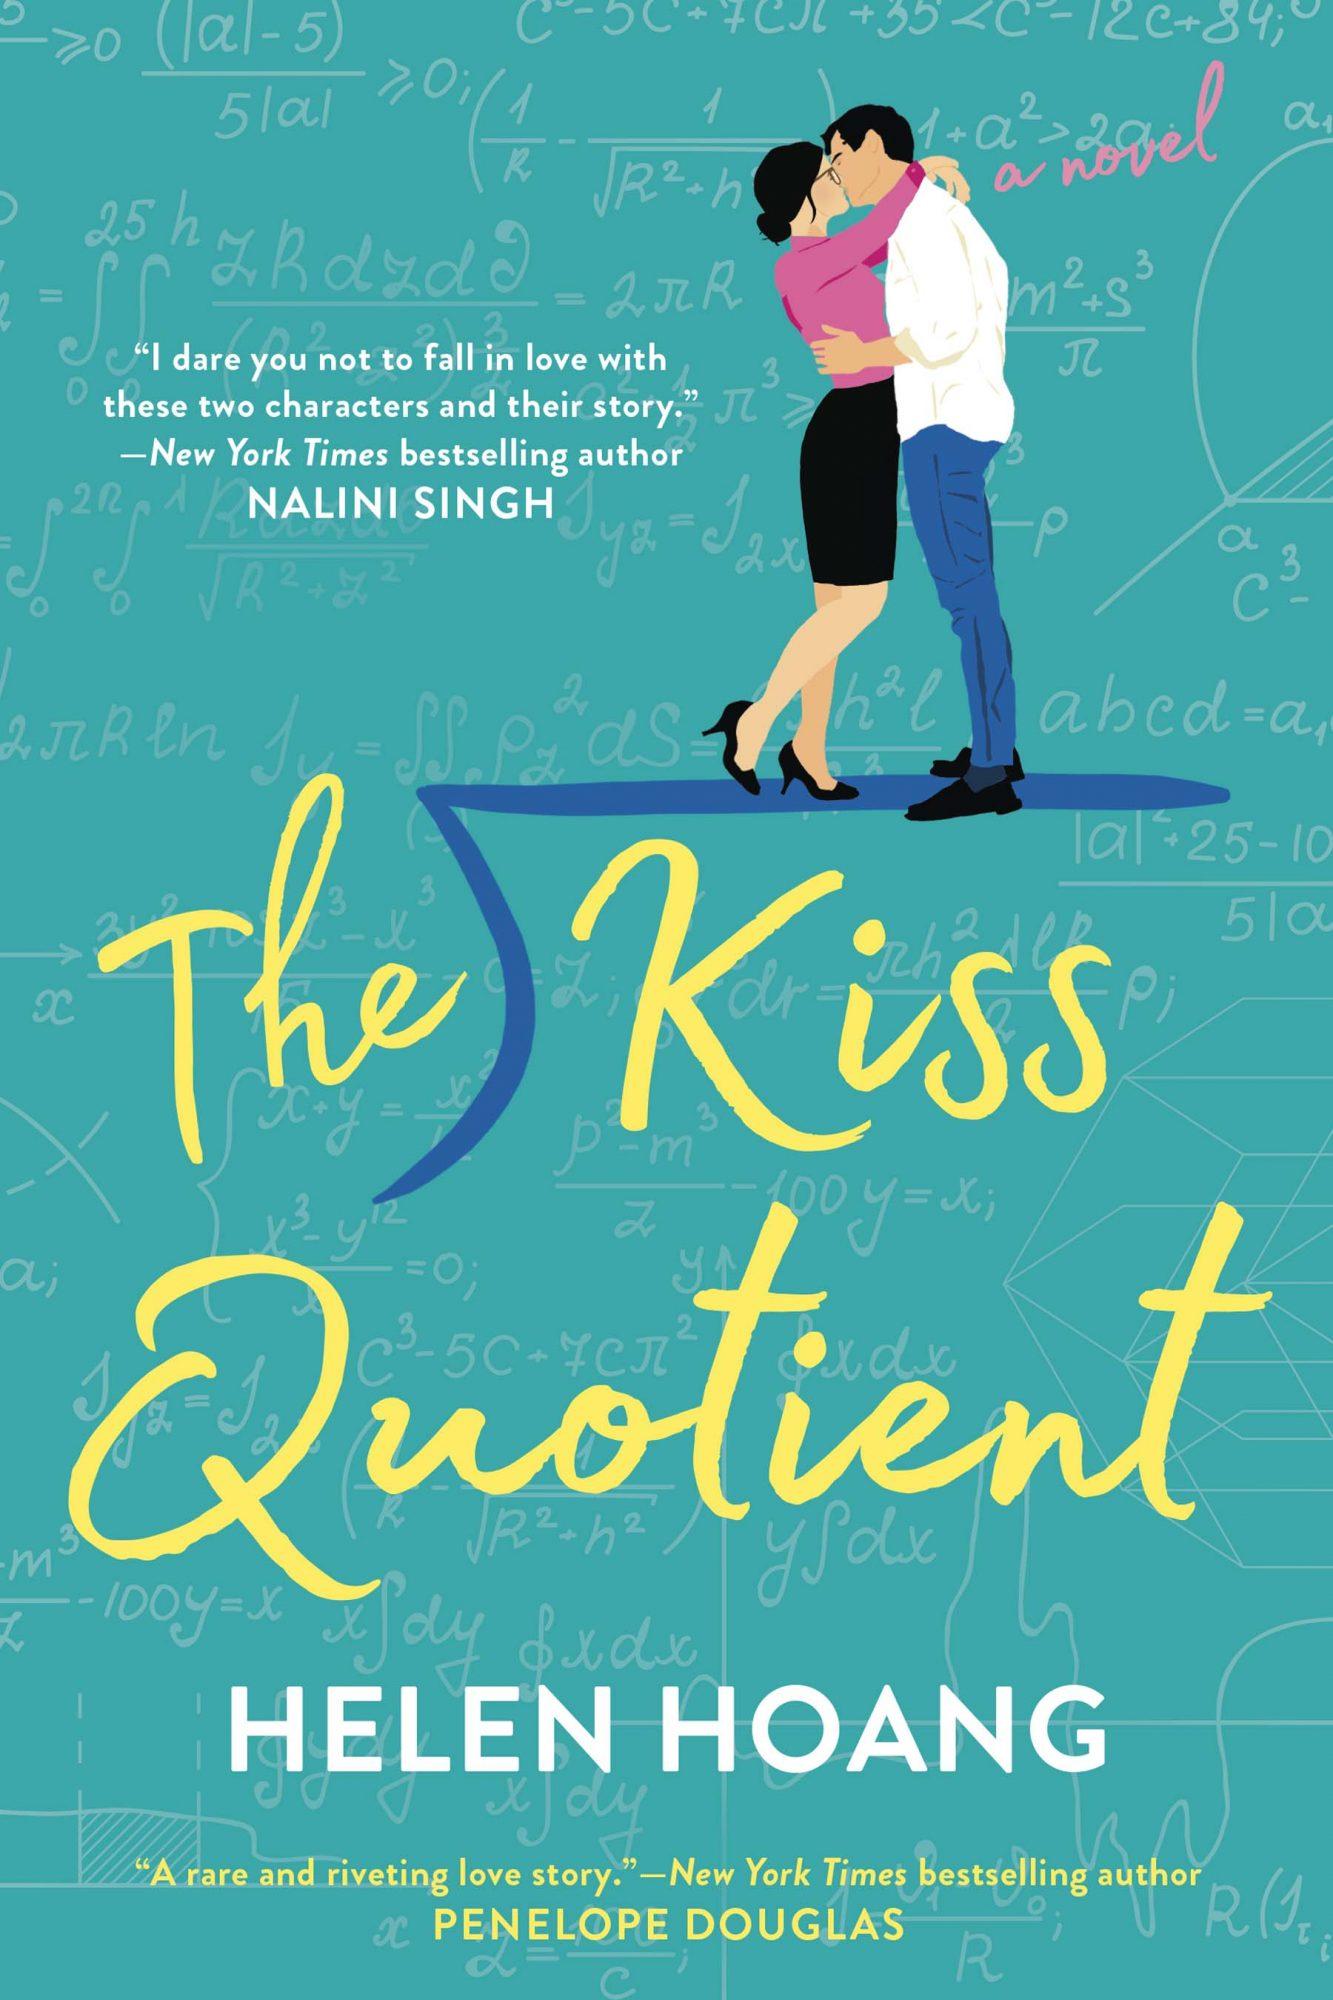 The Kiss QuotientBy HELEN HOANGcr: Berkley